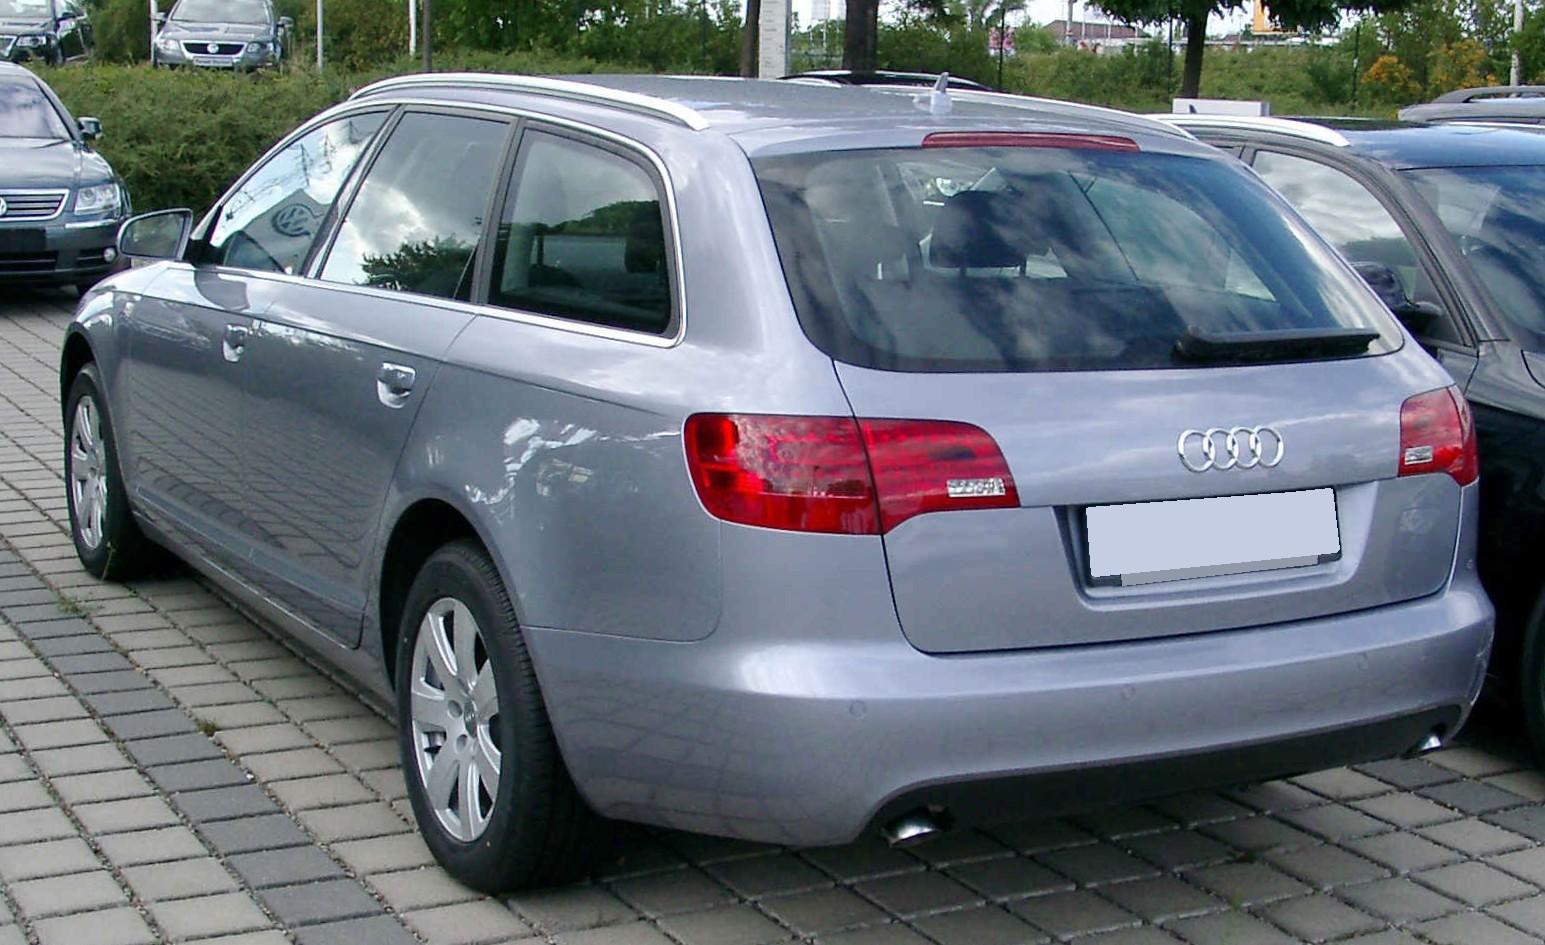 File Audi A6 C6 Avant Rear 20080820 Jpg Wikimedia Commons